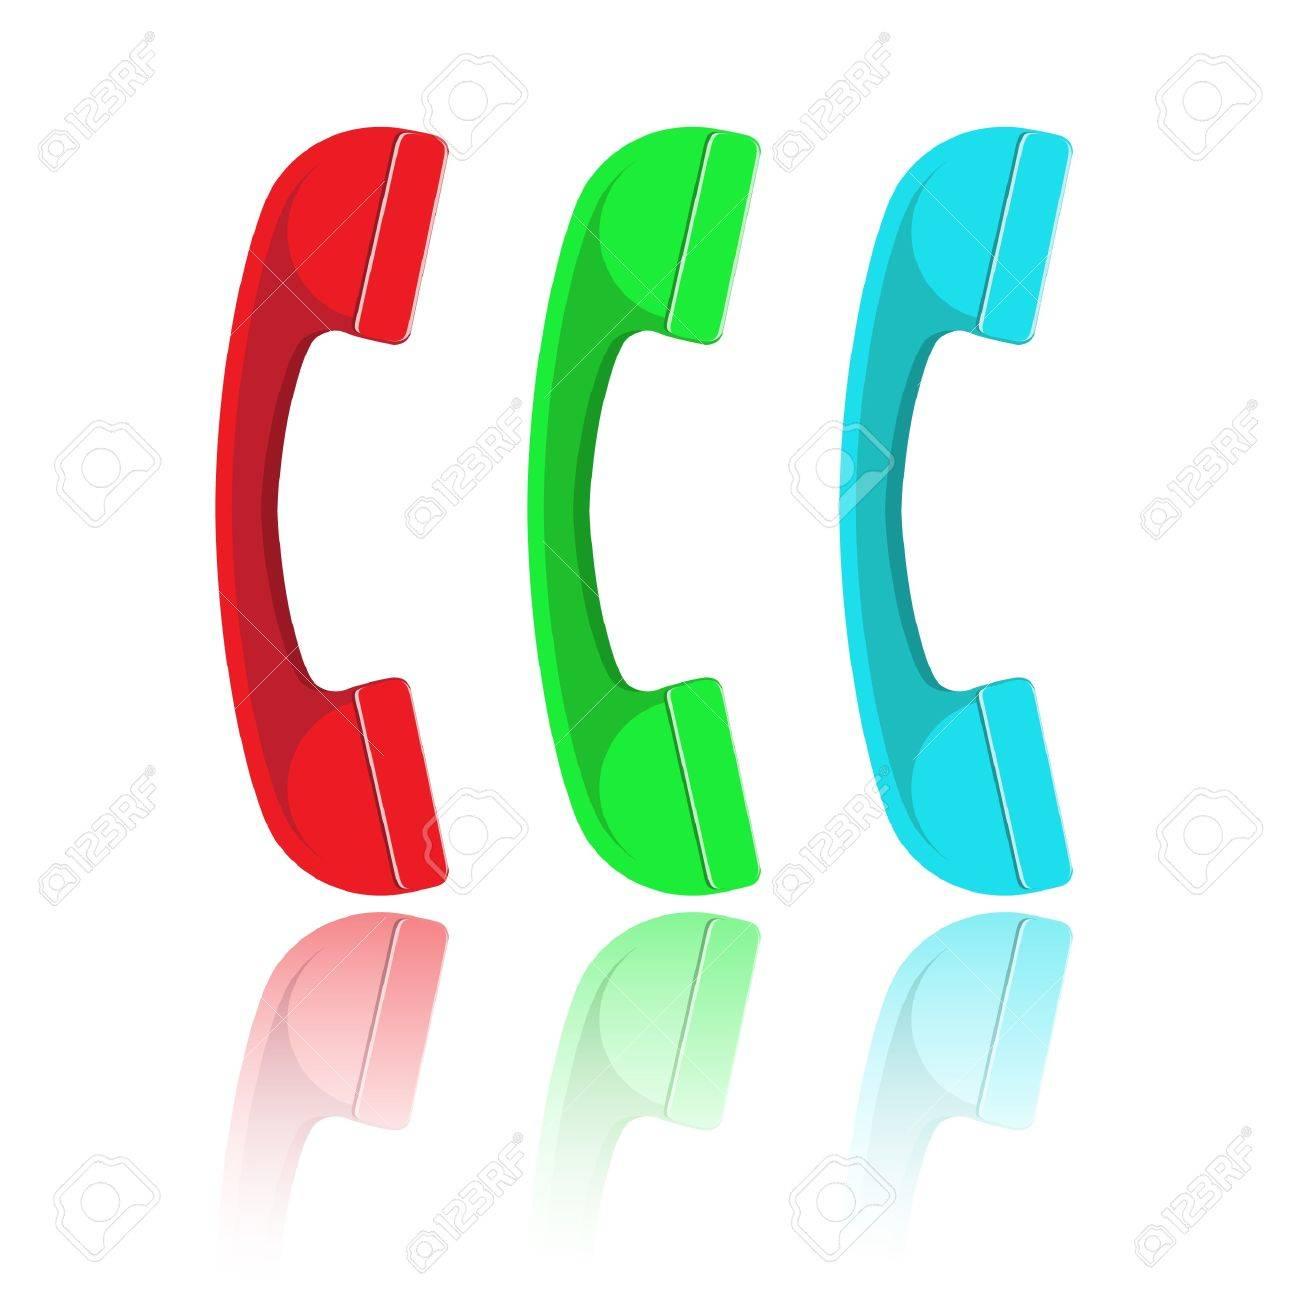 Vector handset Stock Photo - 8919926